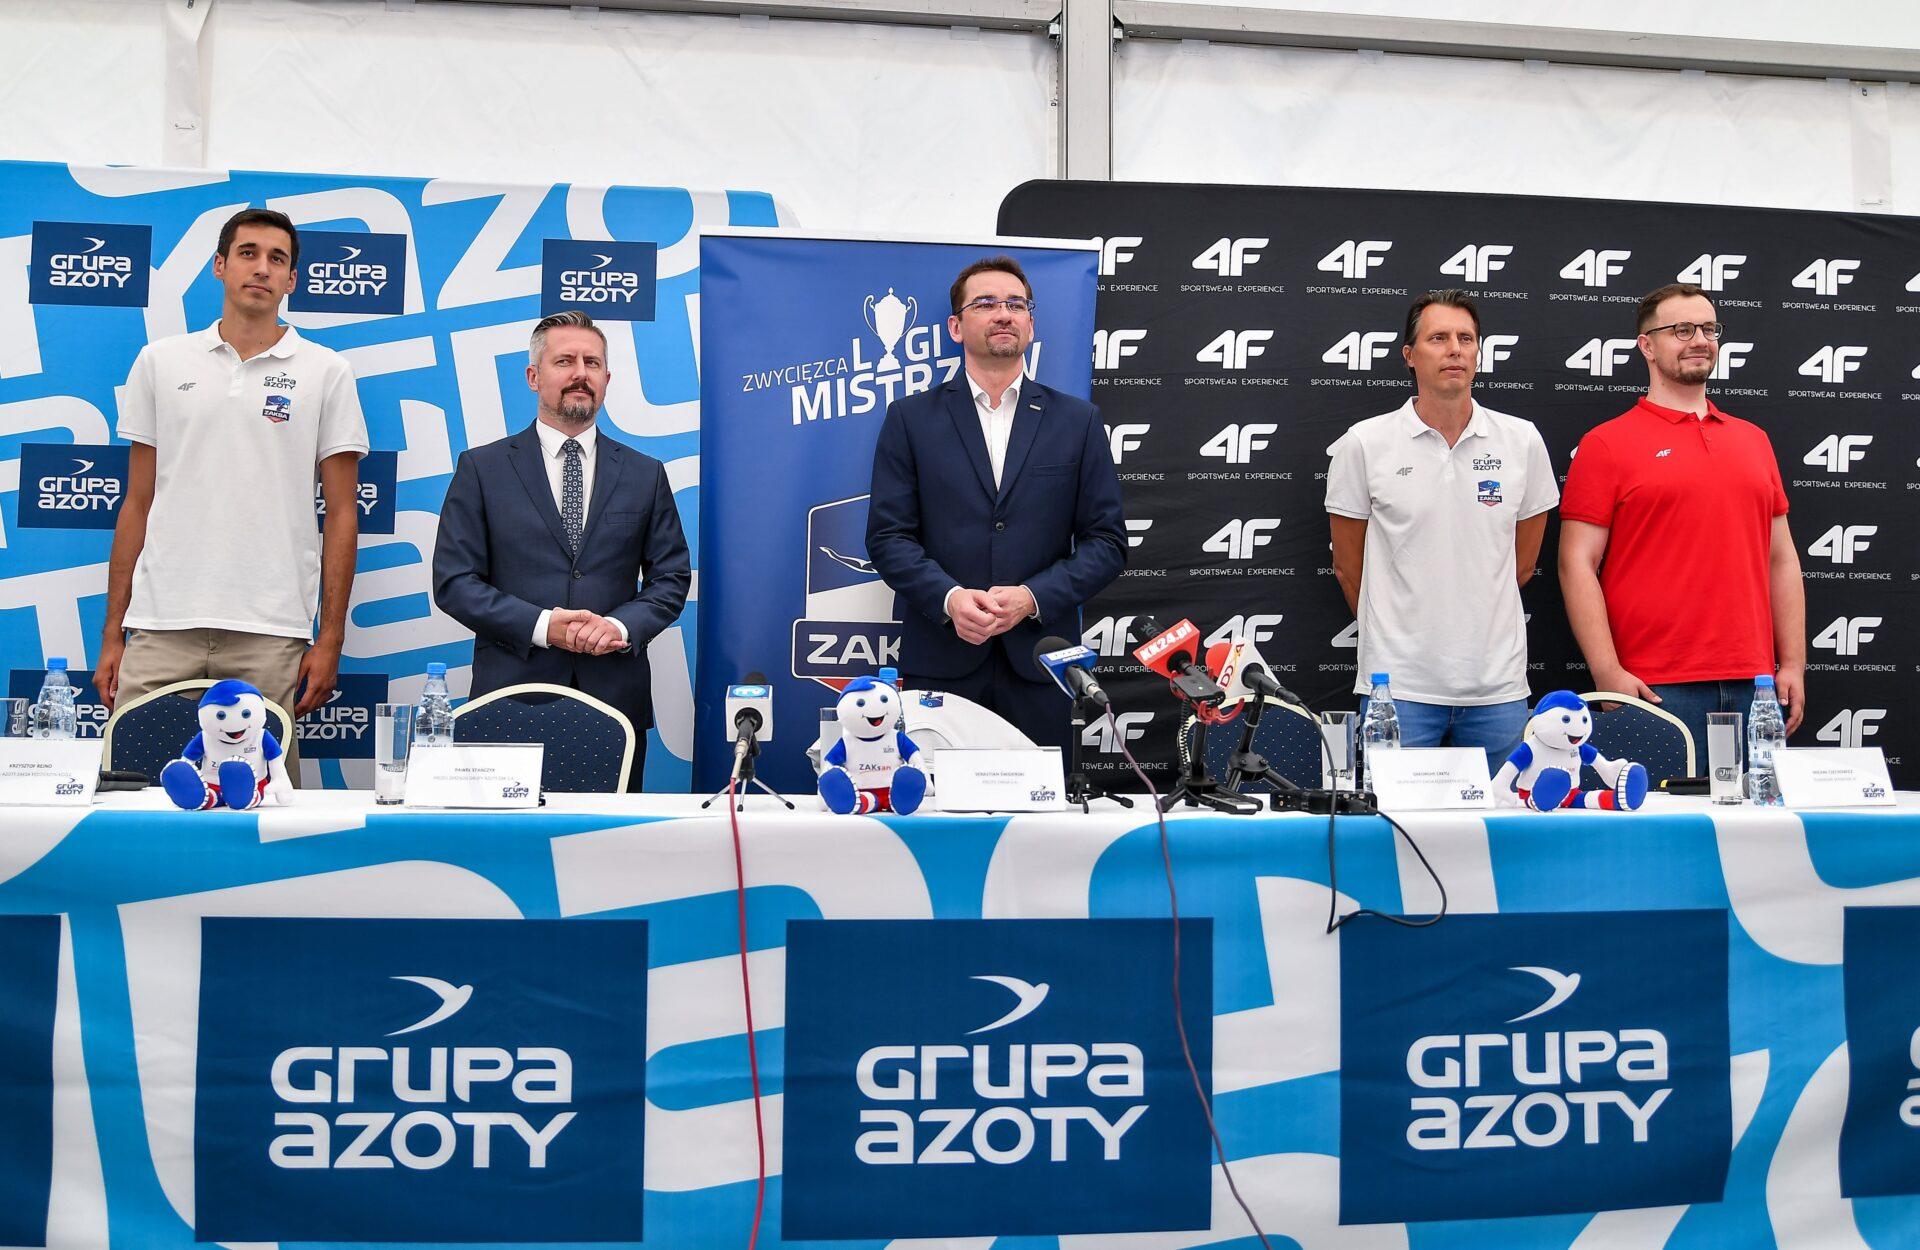 Konferencja prasowa z udziałem Głównego Sponsora i Właściciela Klubu wraz z oficjalną prezentacją nowego trenera Grupy Azoty ZAKSA Kędzierzyn-Koźle i nowego partnera technicznego